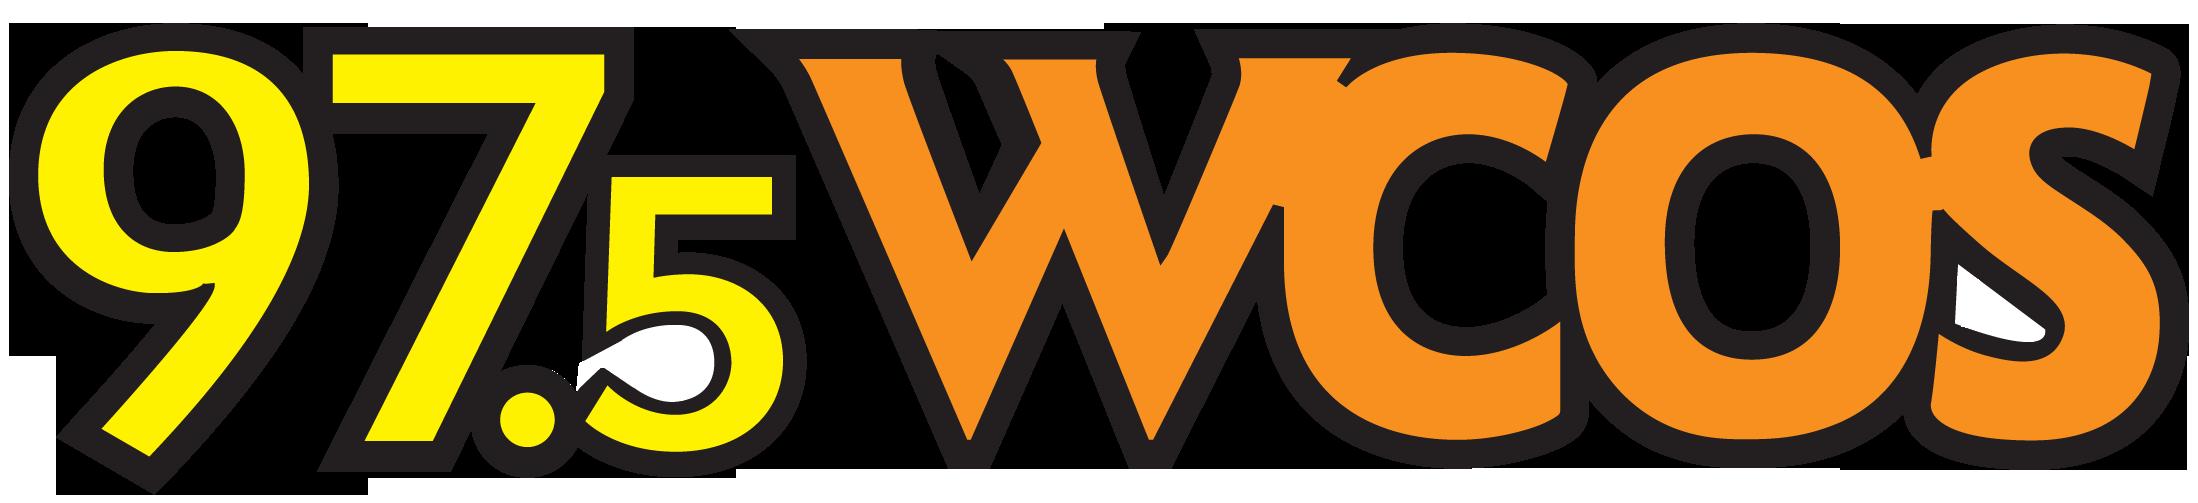 WCOS-FM